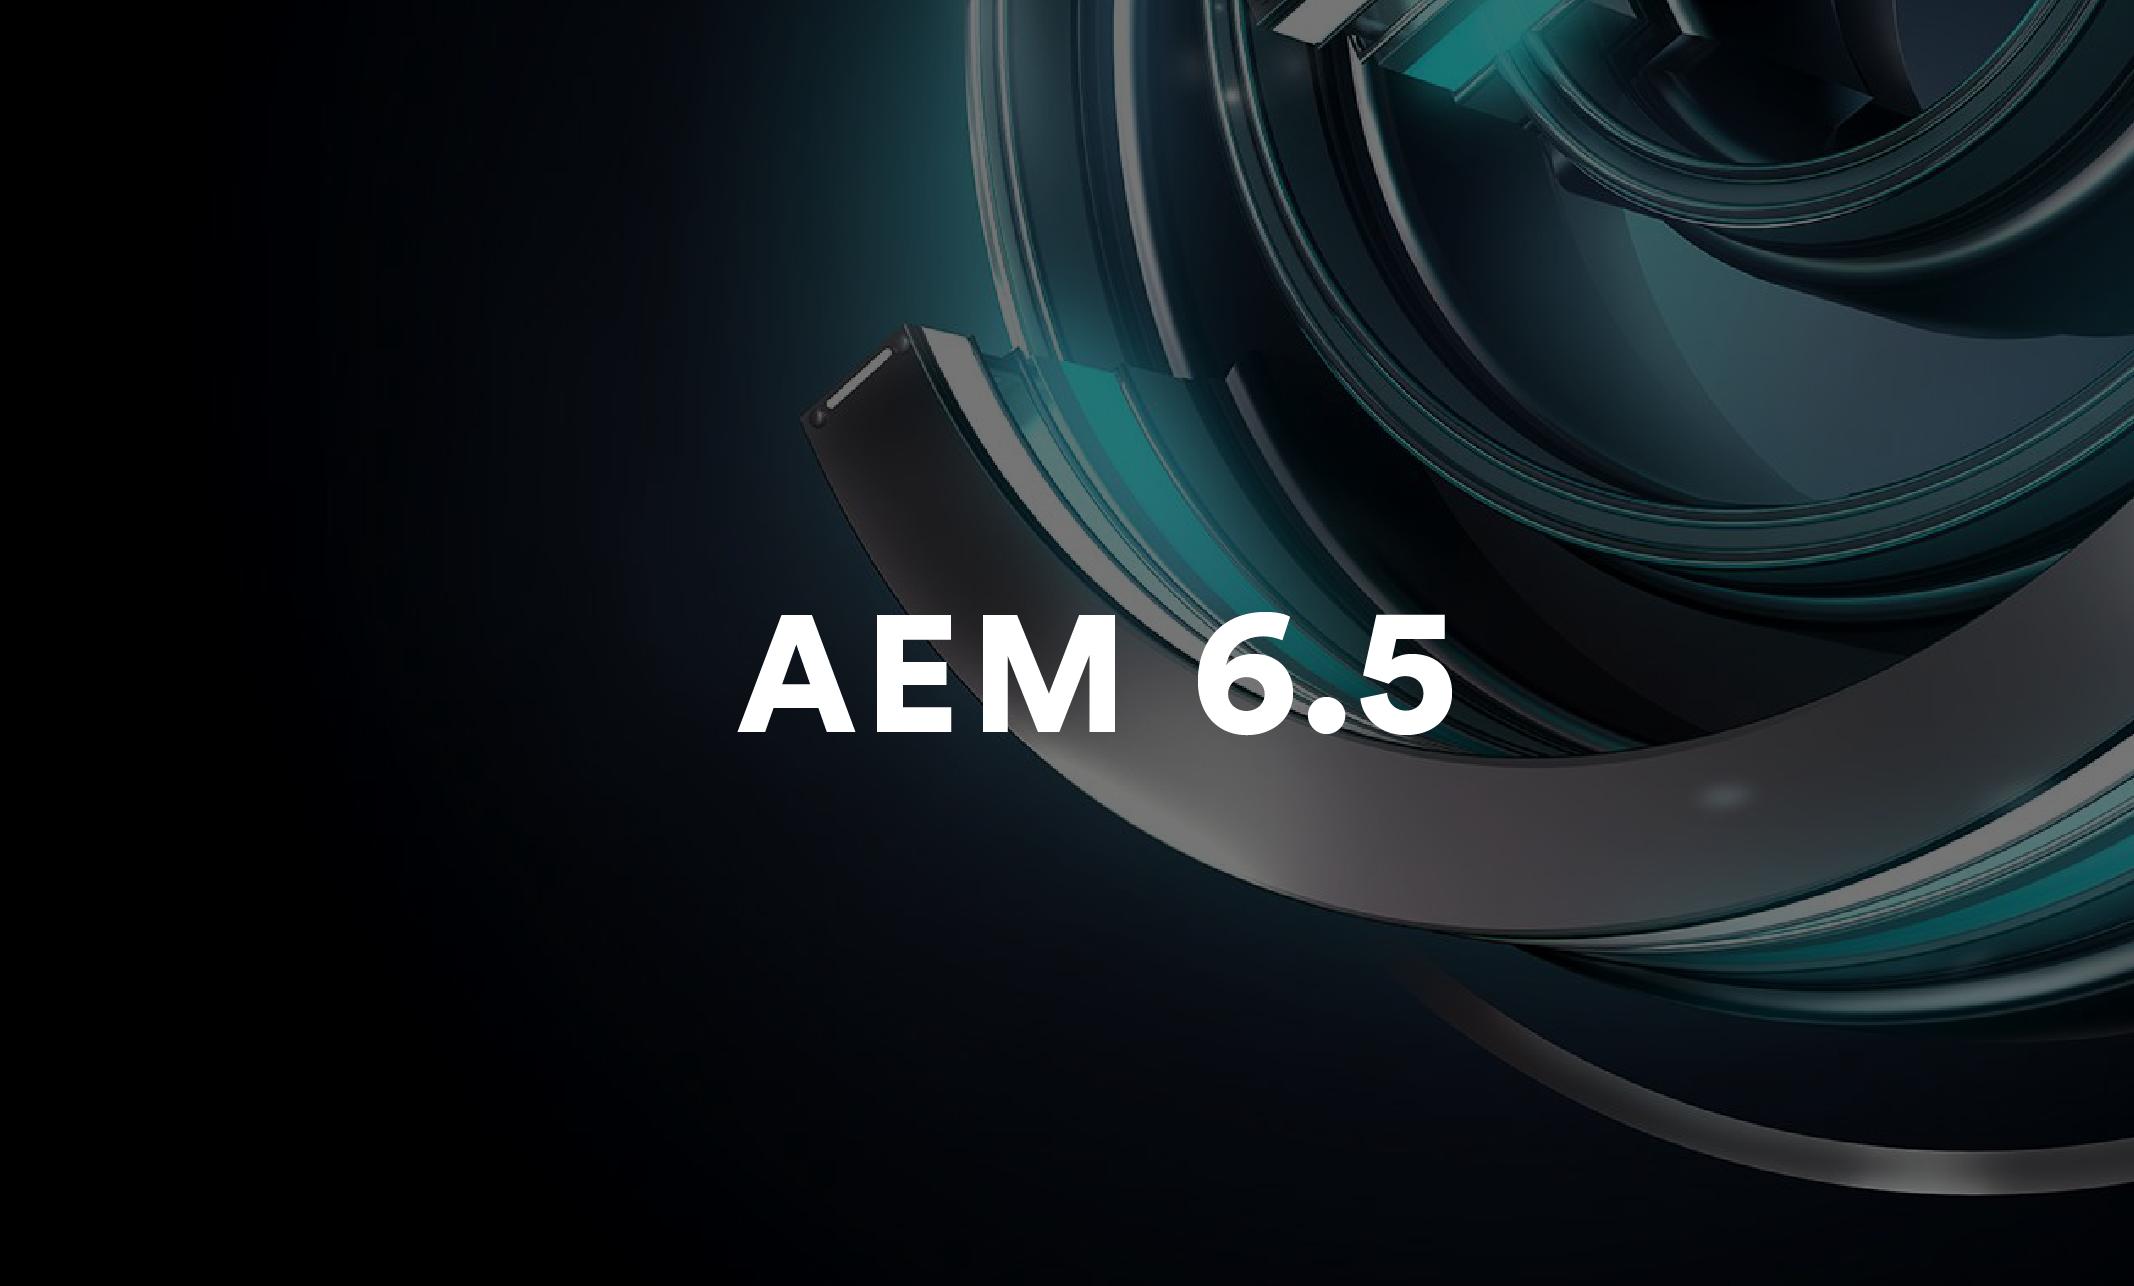 AEM 6.5